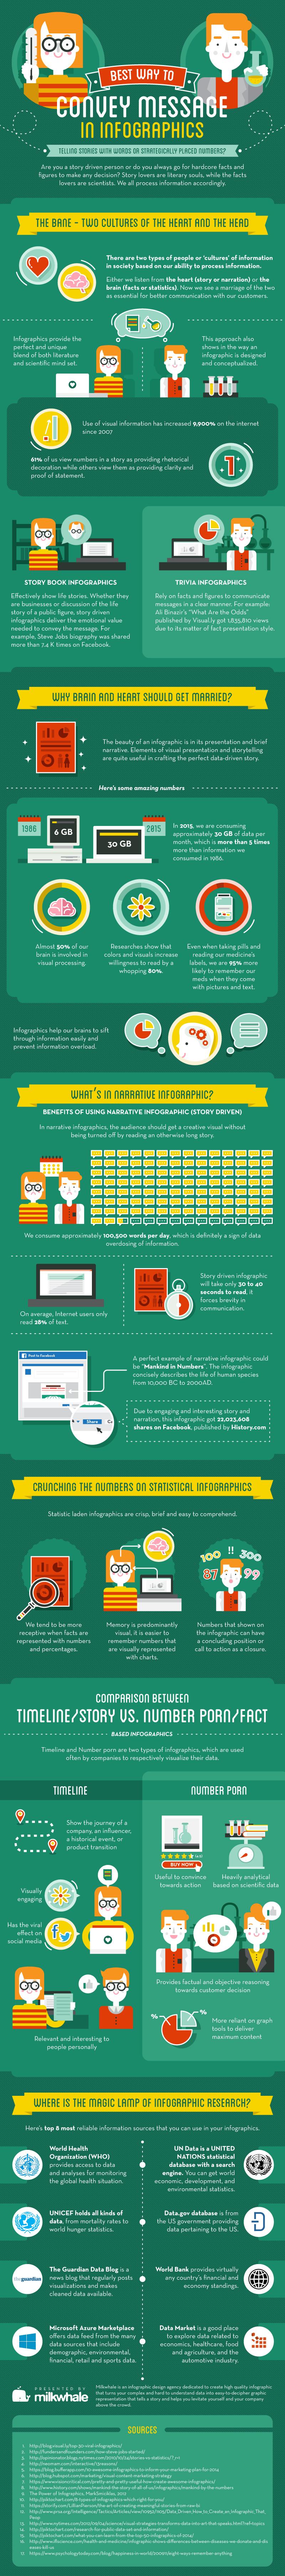 La mejor manera de transmitir un mensaje con una Infografía #infografia #marketing